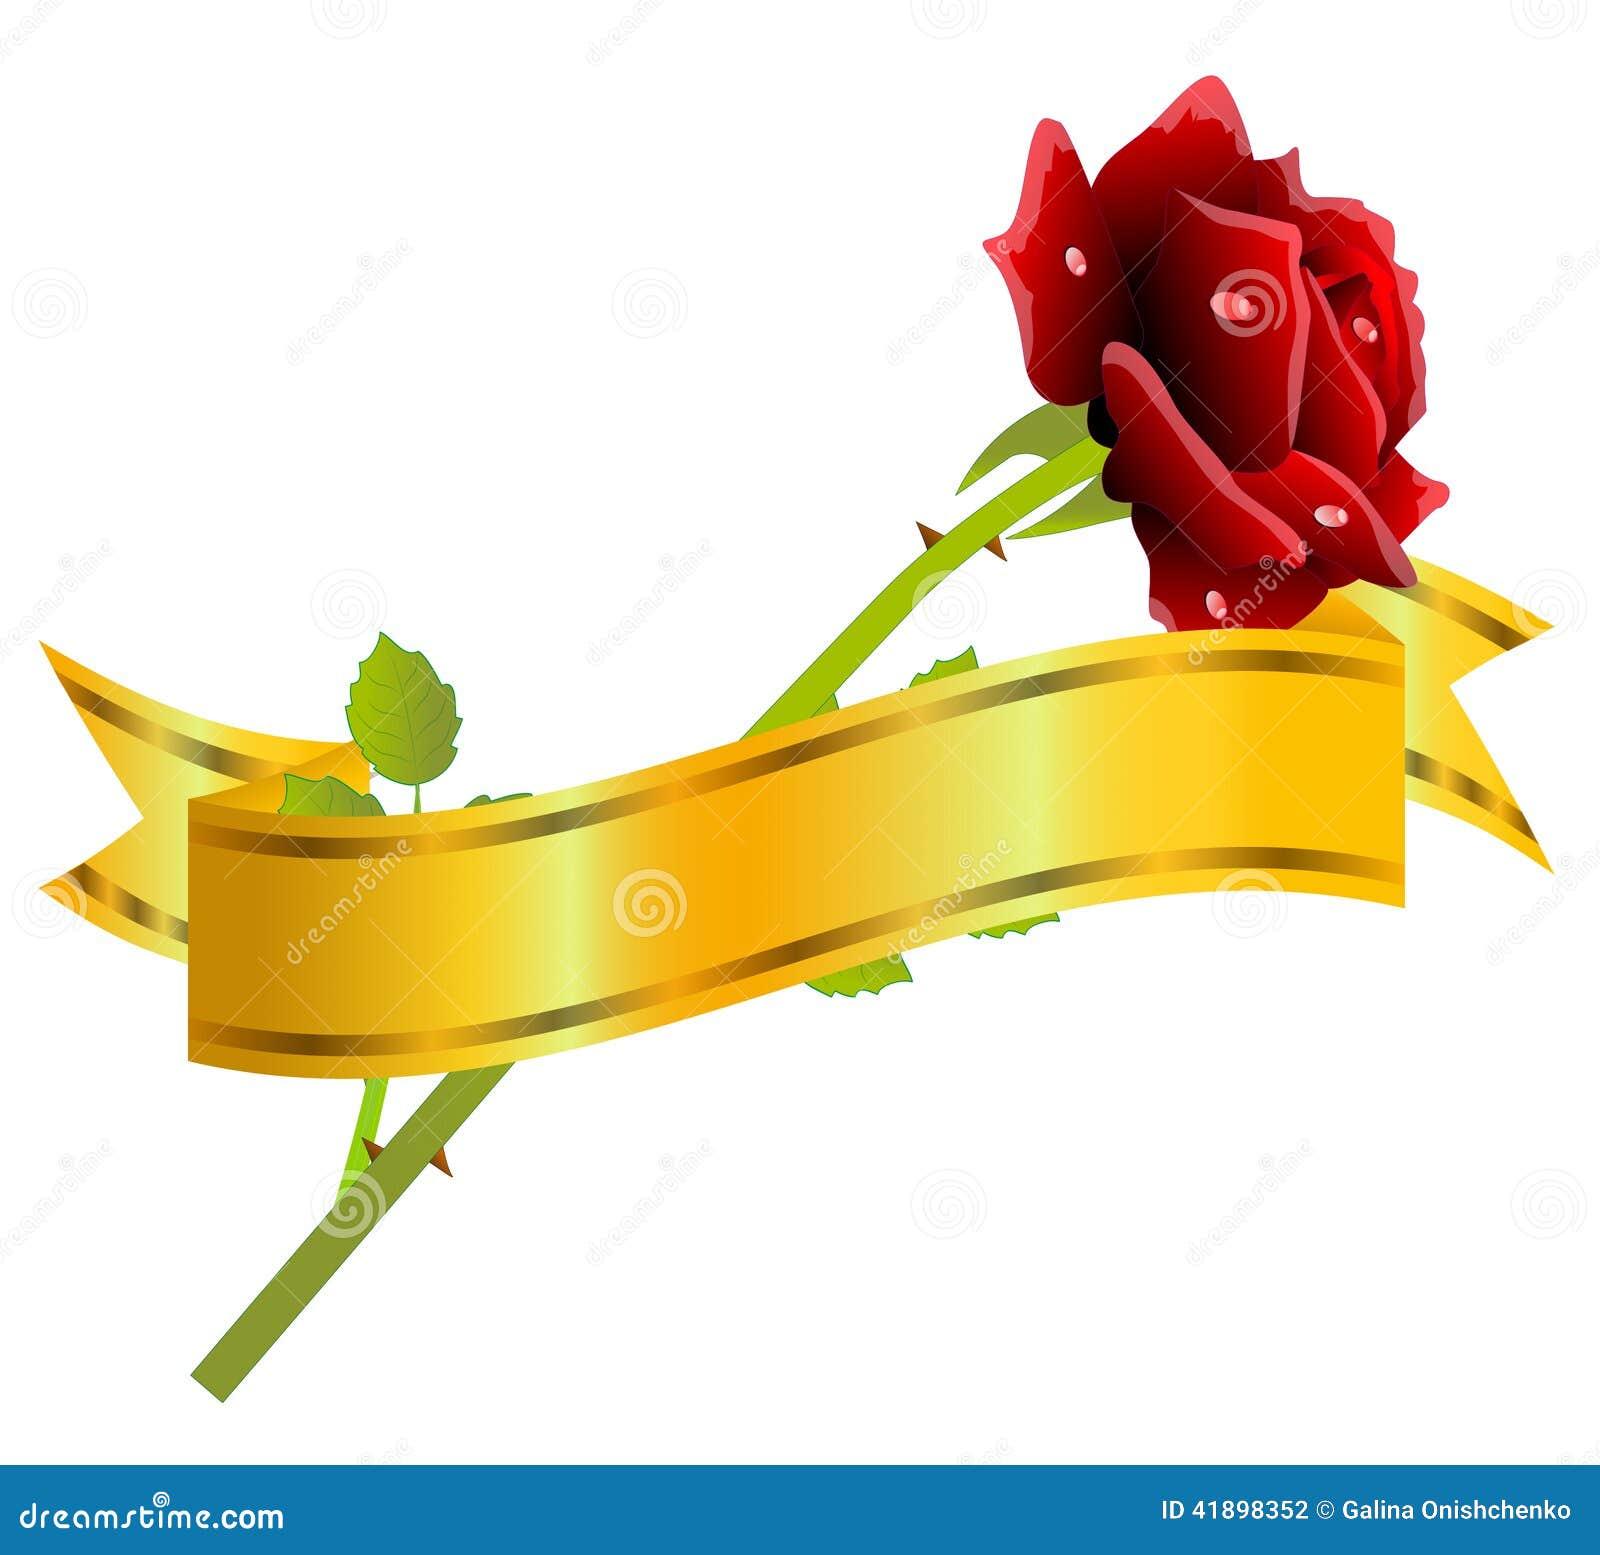 red-rose-gold-ribbon-white-background-vector-illustration-41898352.jpg